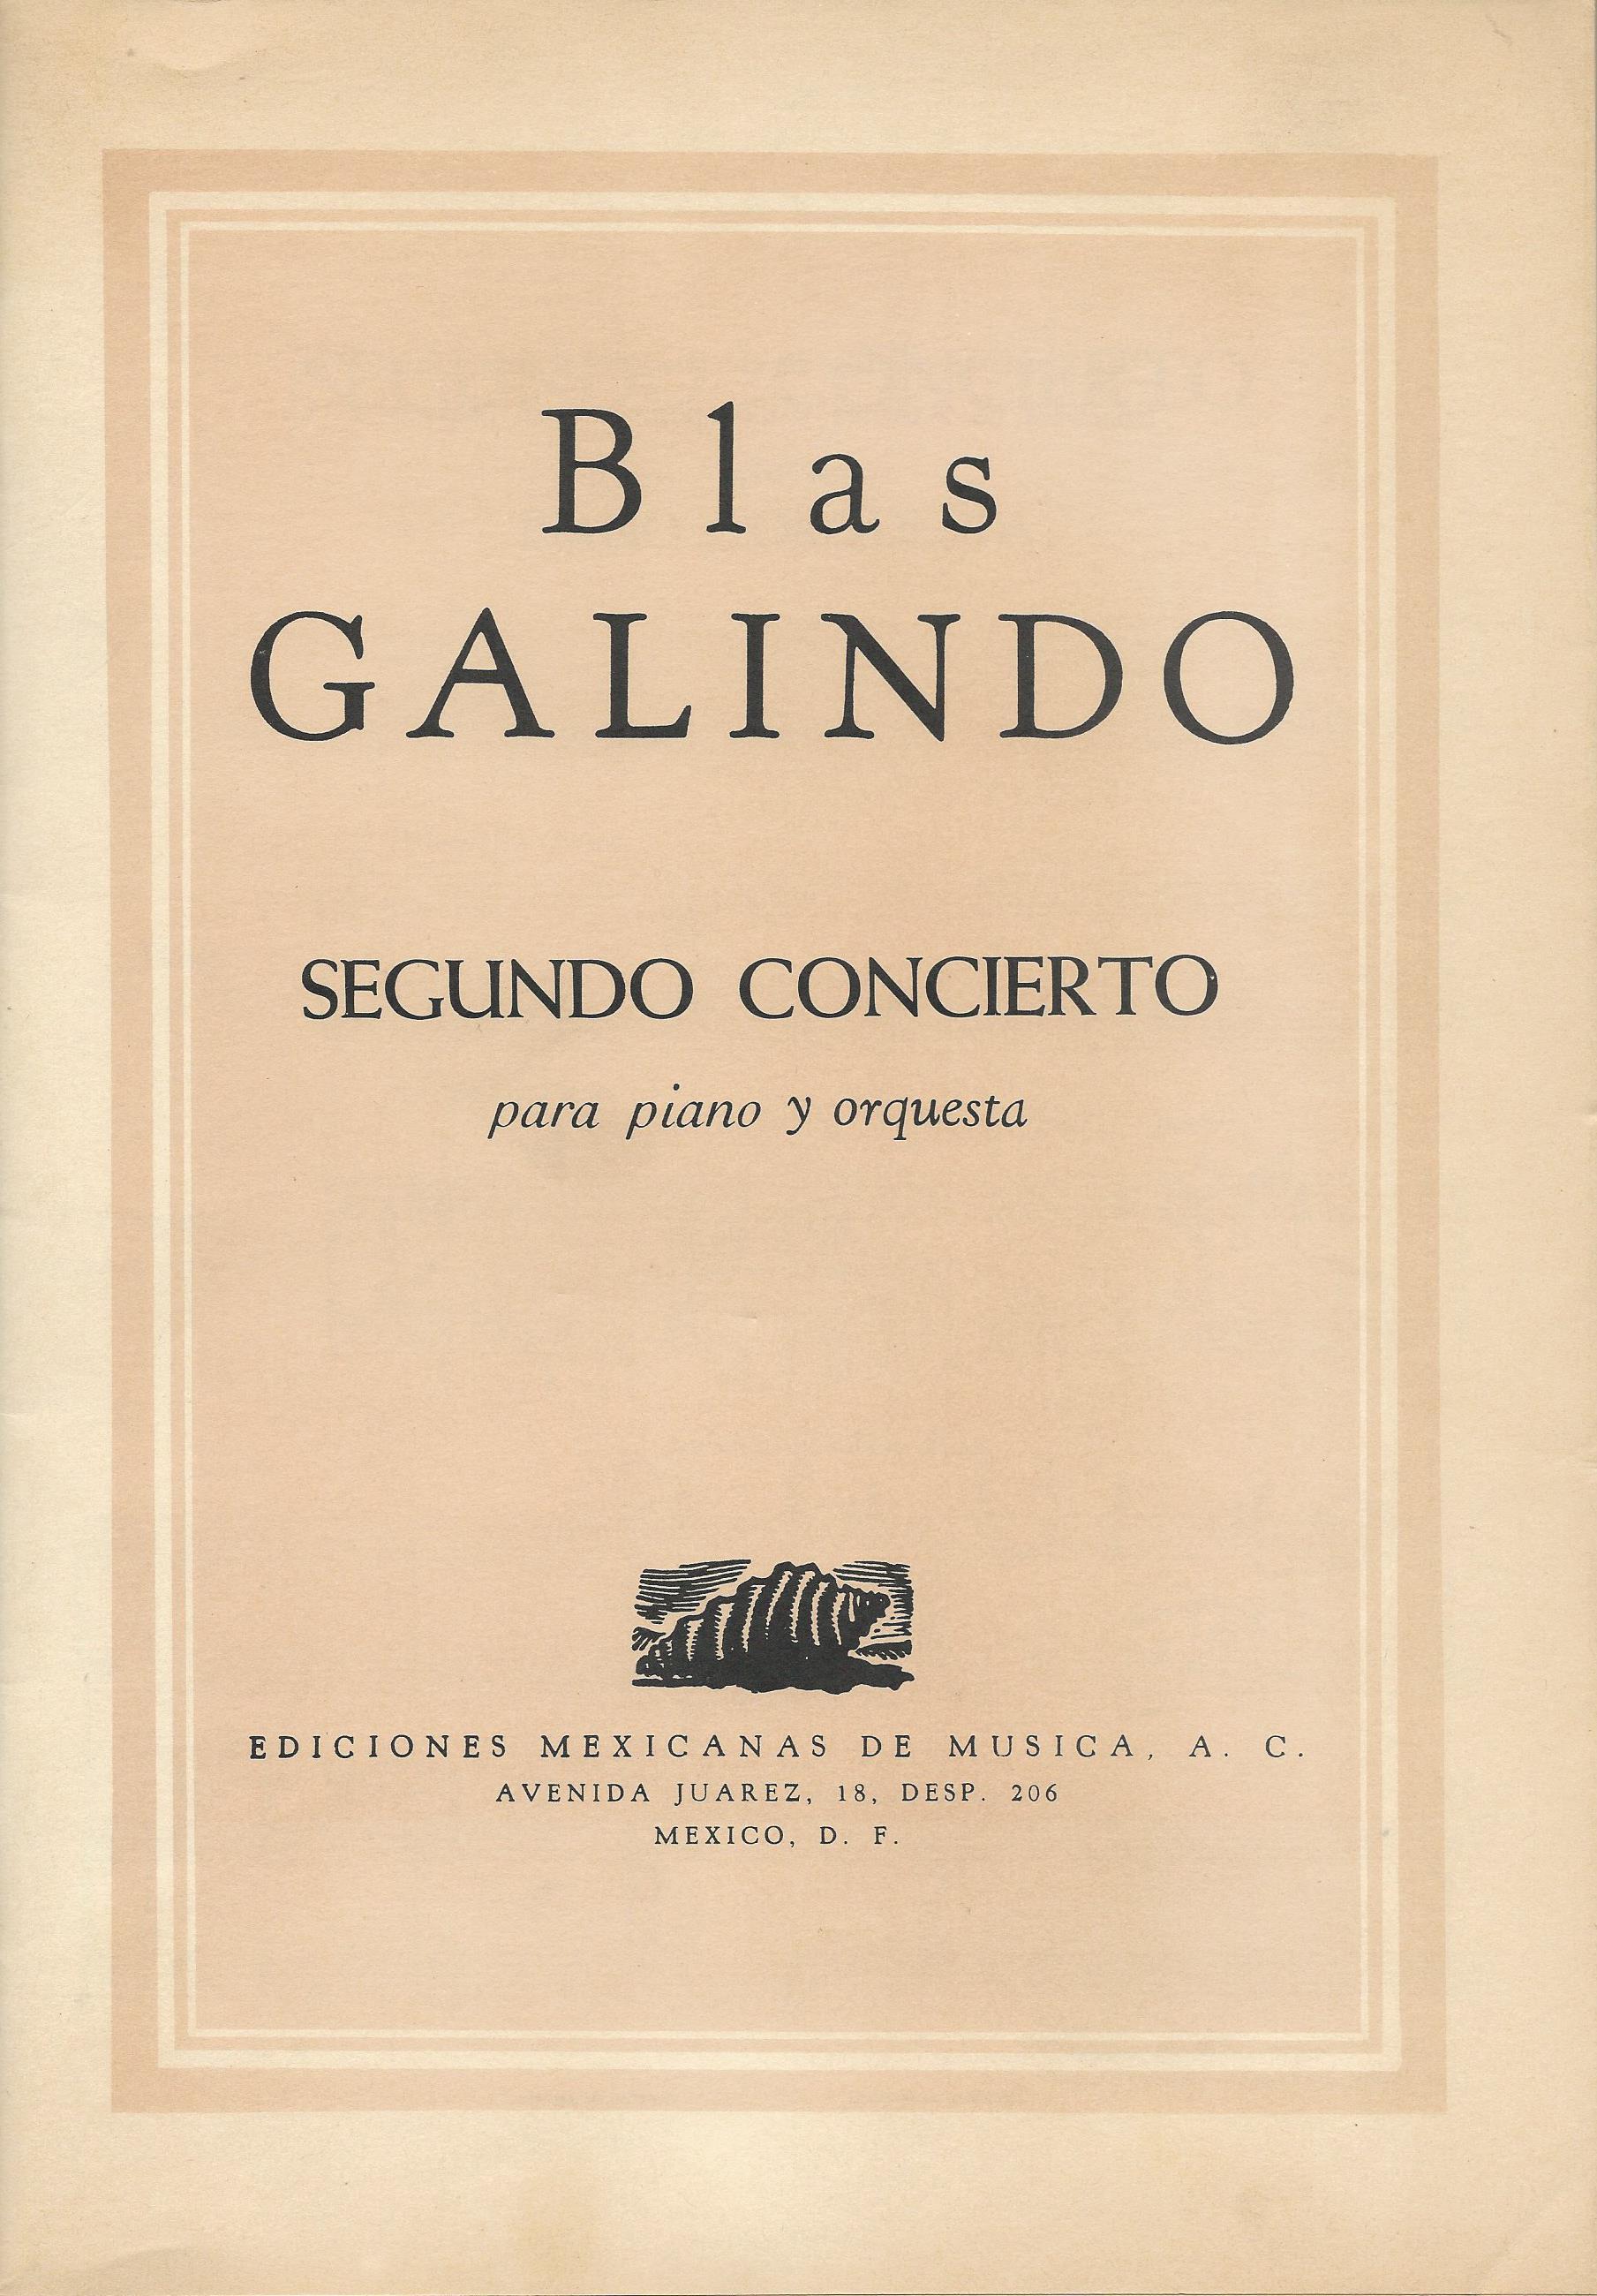 GALINDO BLAS - Segundo concierto para piano y orquesta 01.jpg